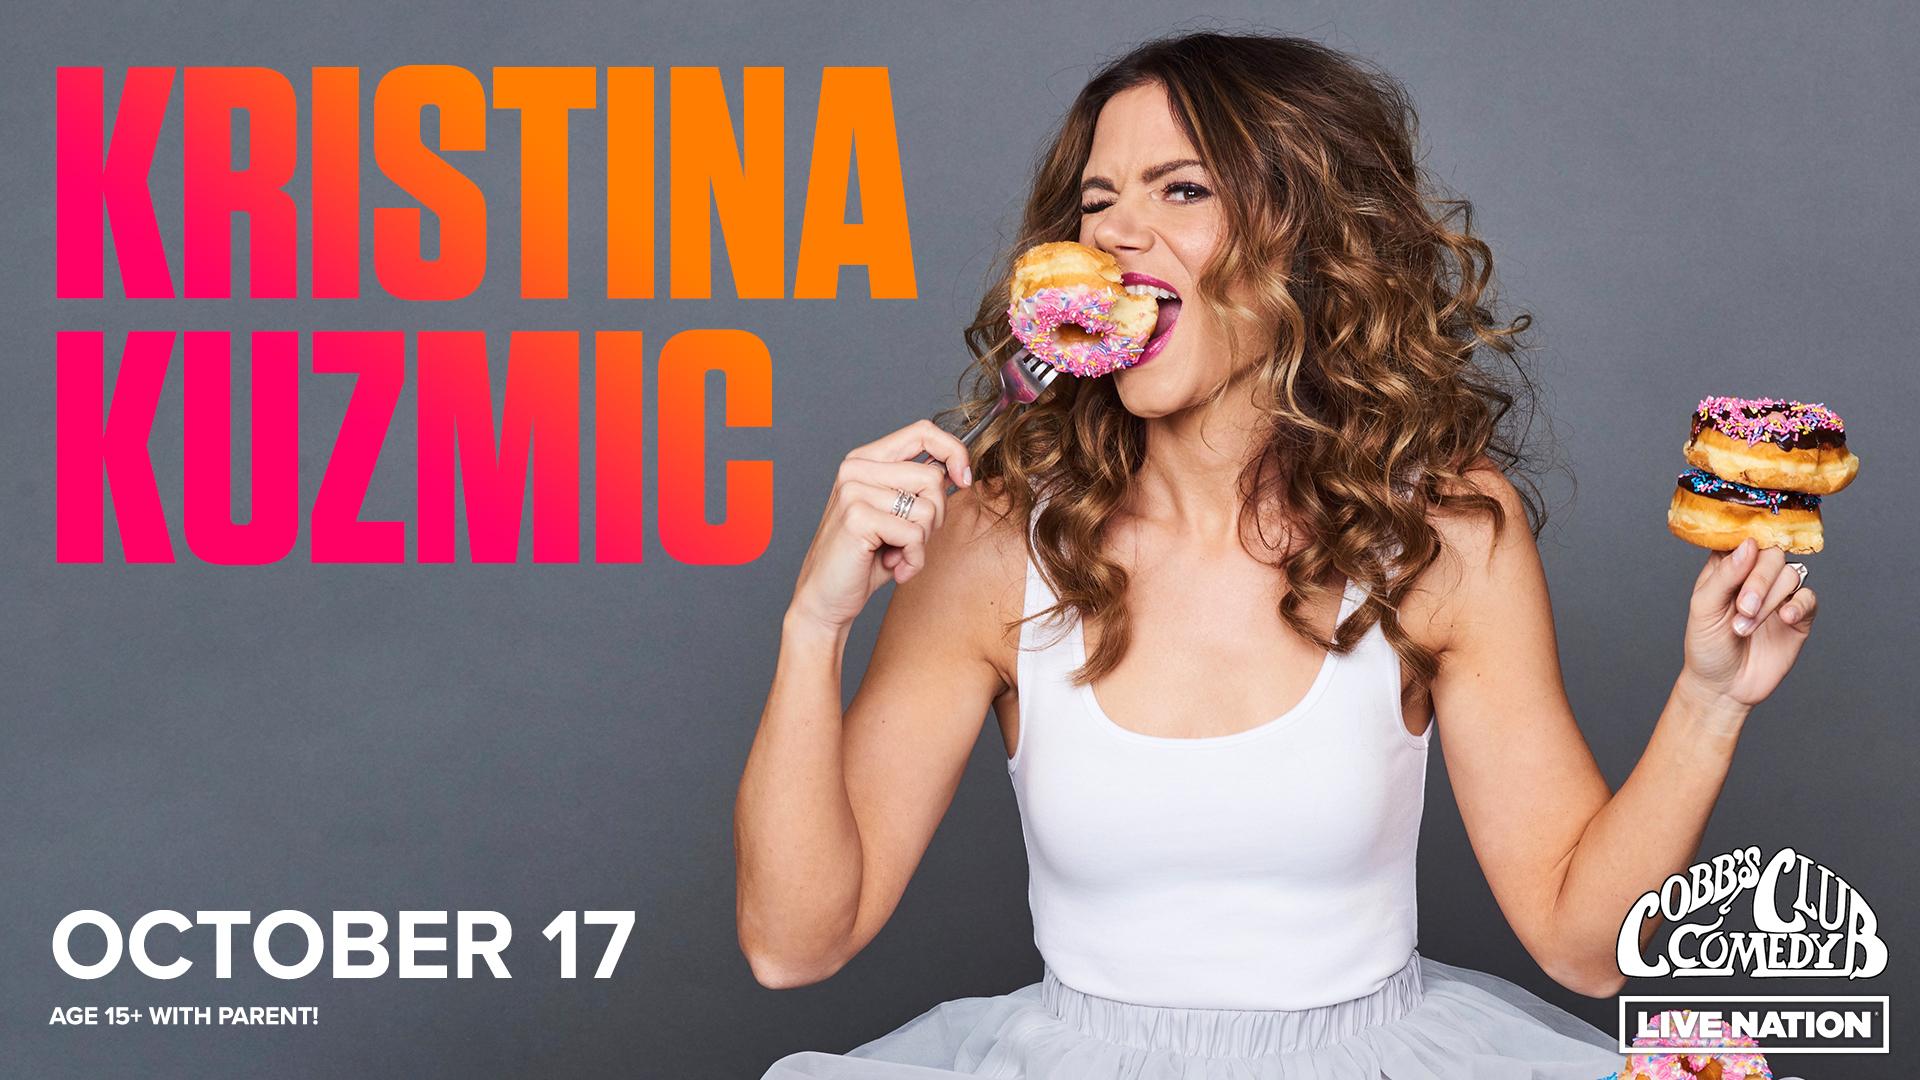 Kristina Kuzmic - The Hope and Humor Tour - 15+ with Parent